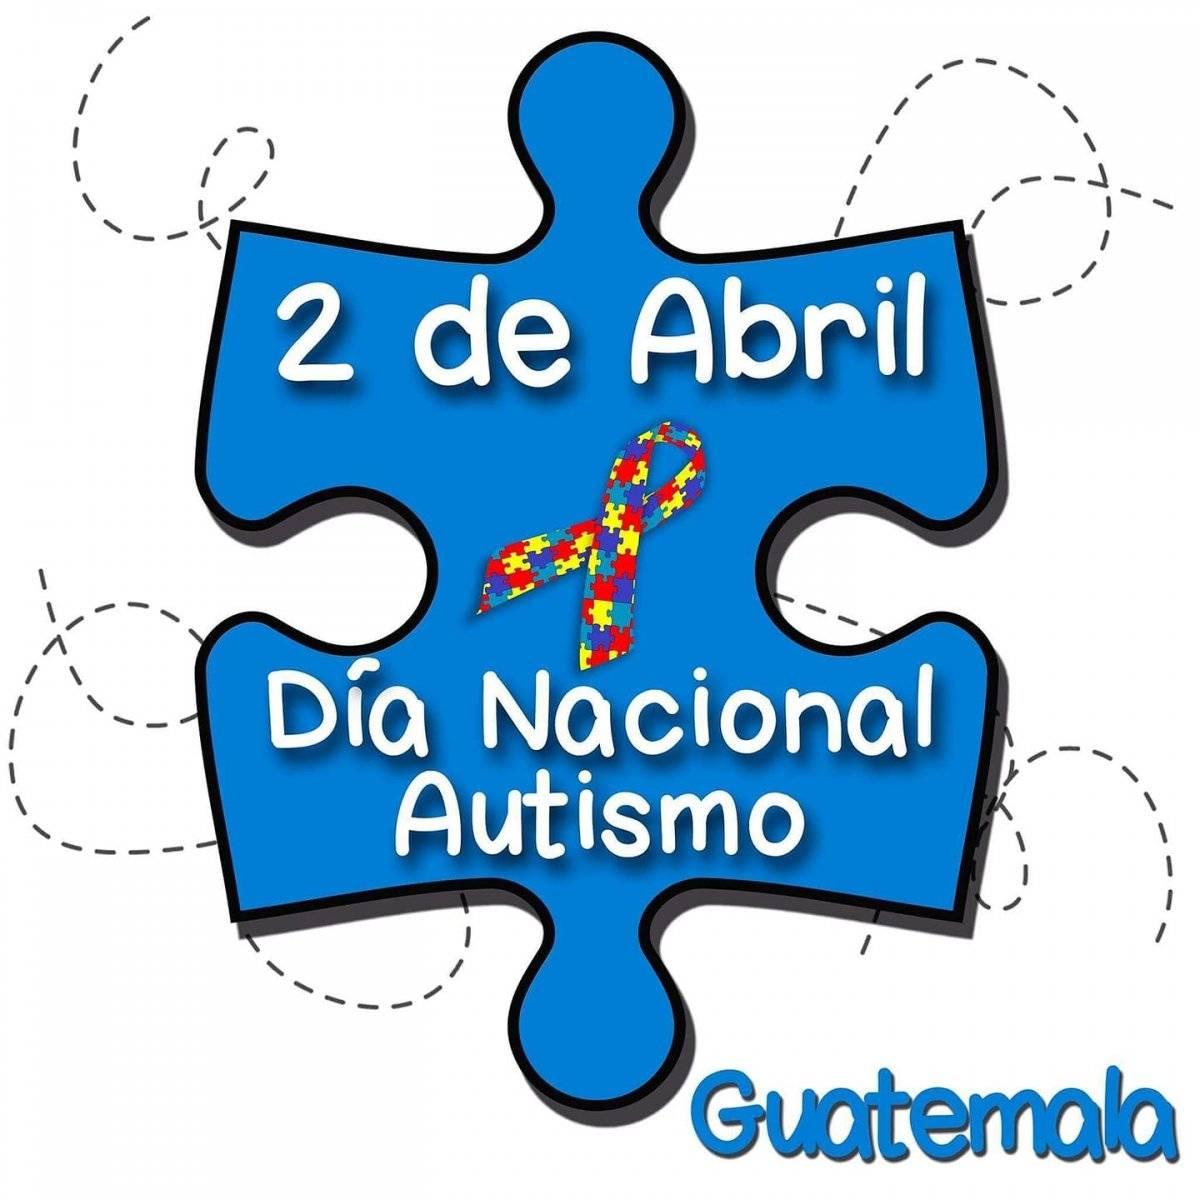 Organizaciones conmemorarán el Día nacional del Autismo